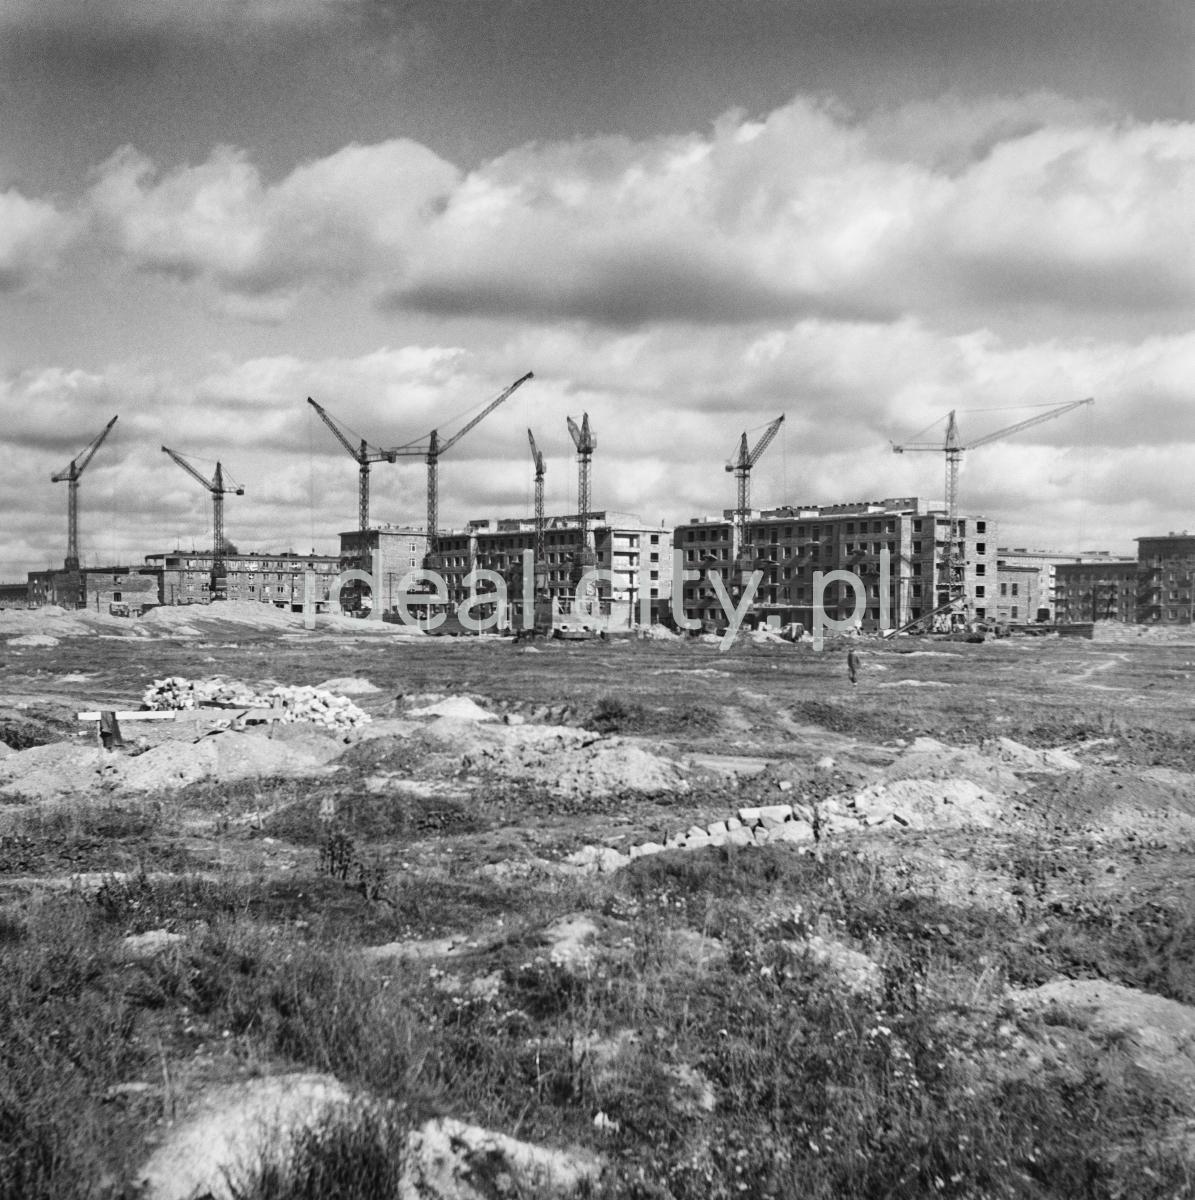 Na pierwszym planie łąka, w tle plac budowy, wznoszone budynki i żurawie.